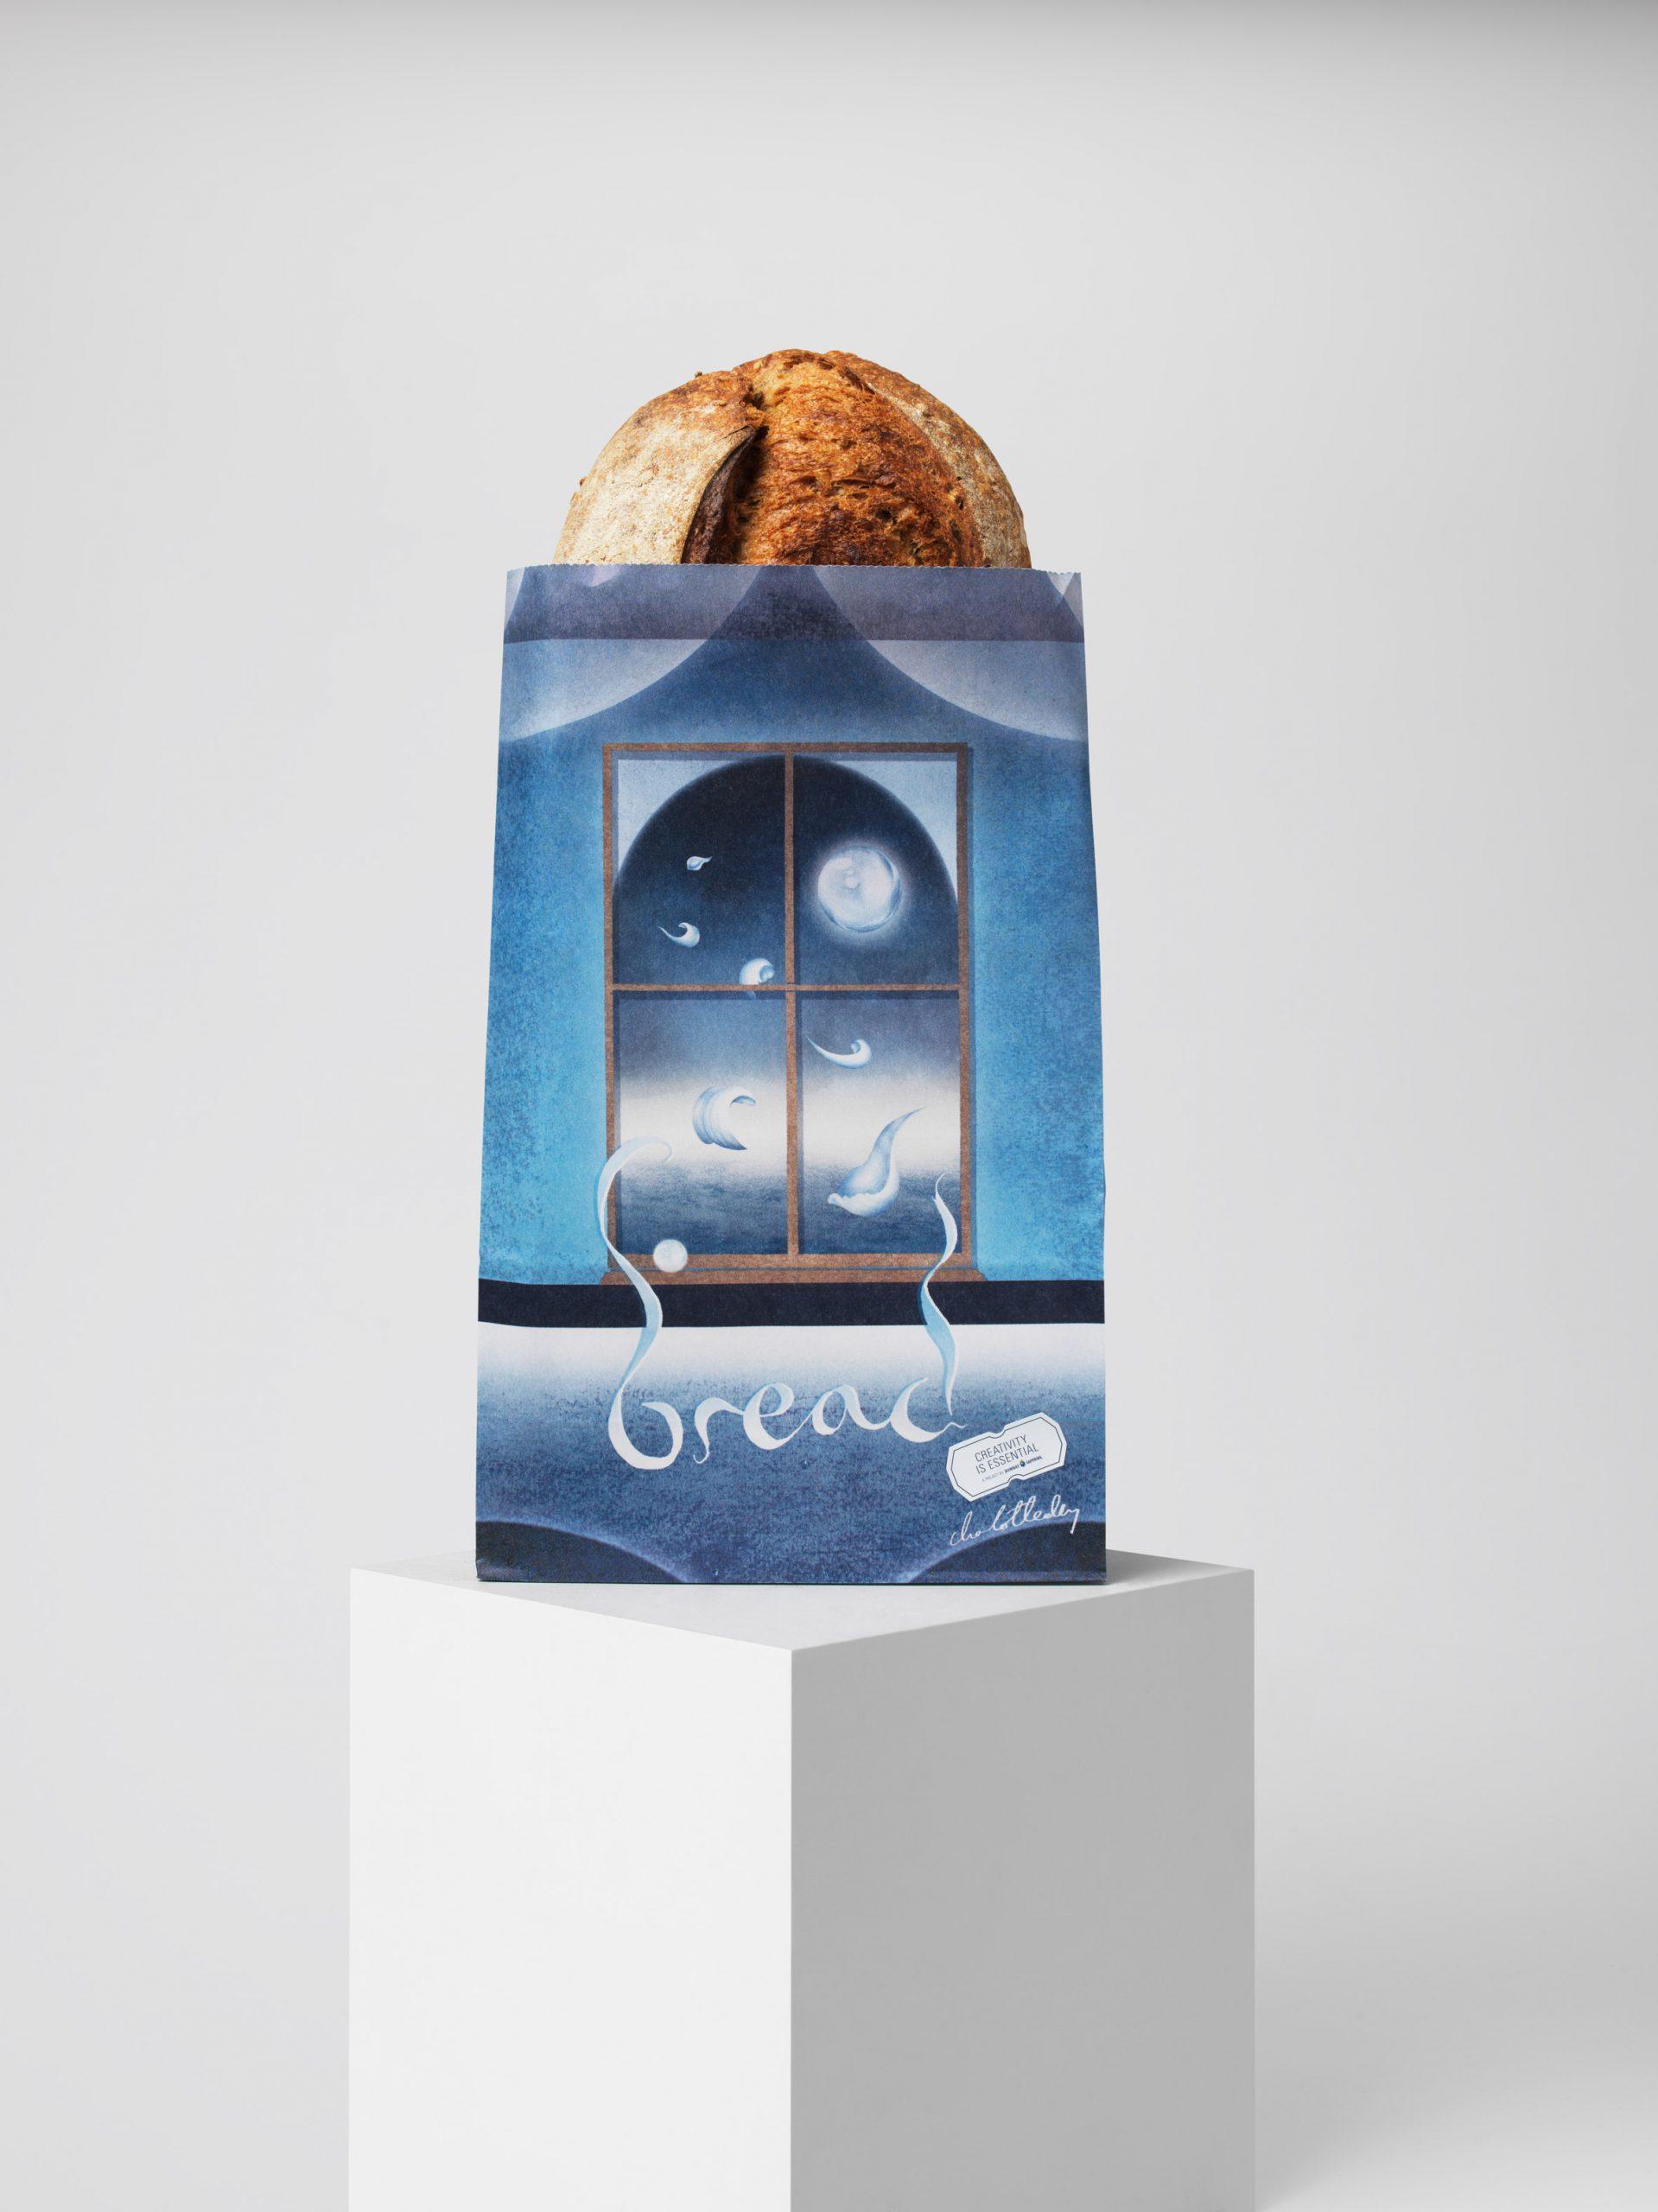 Bread bag by Charlotte Edey